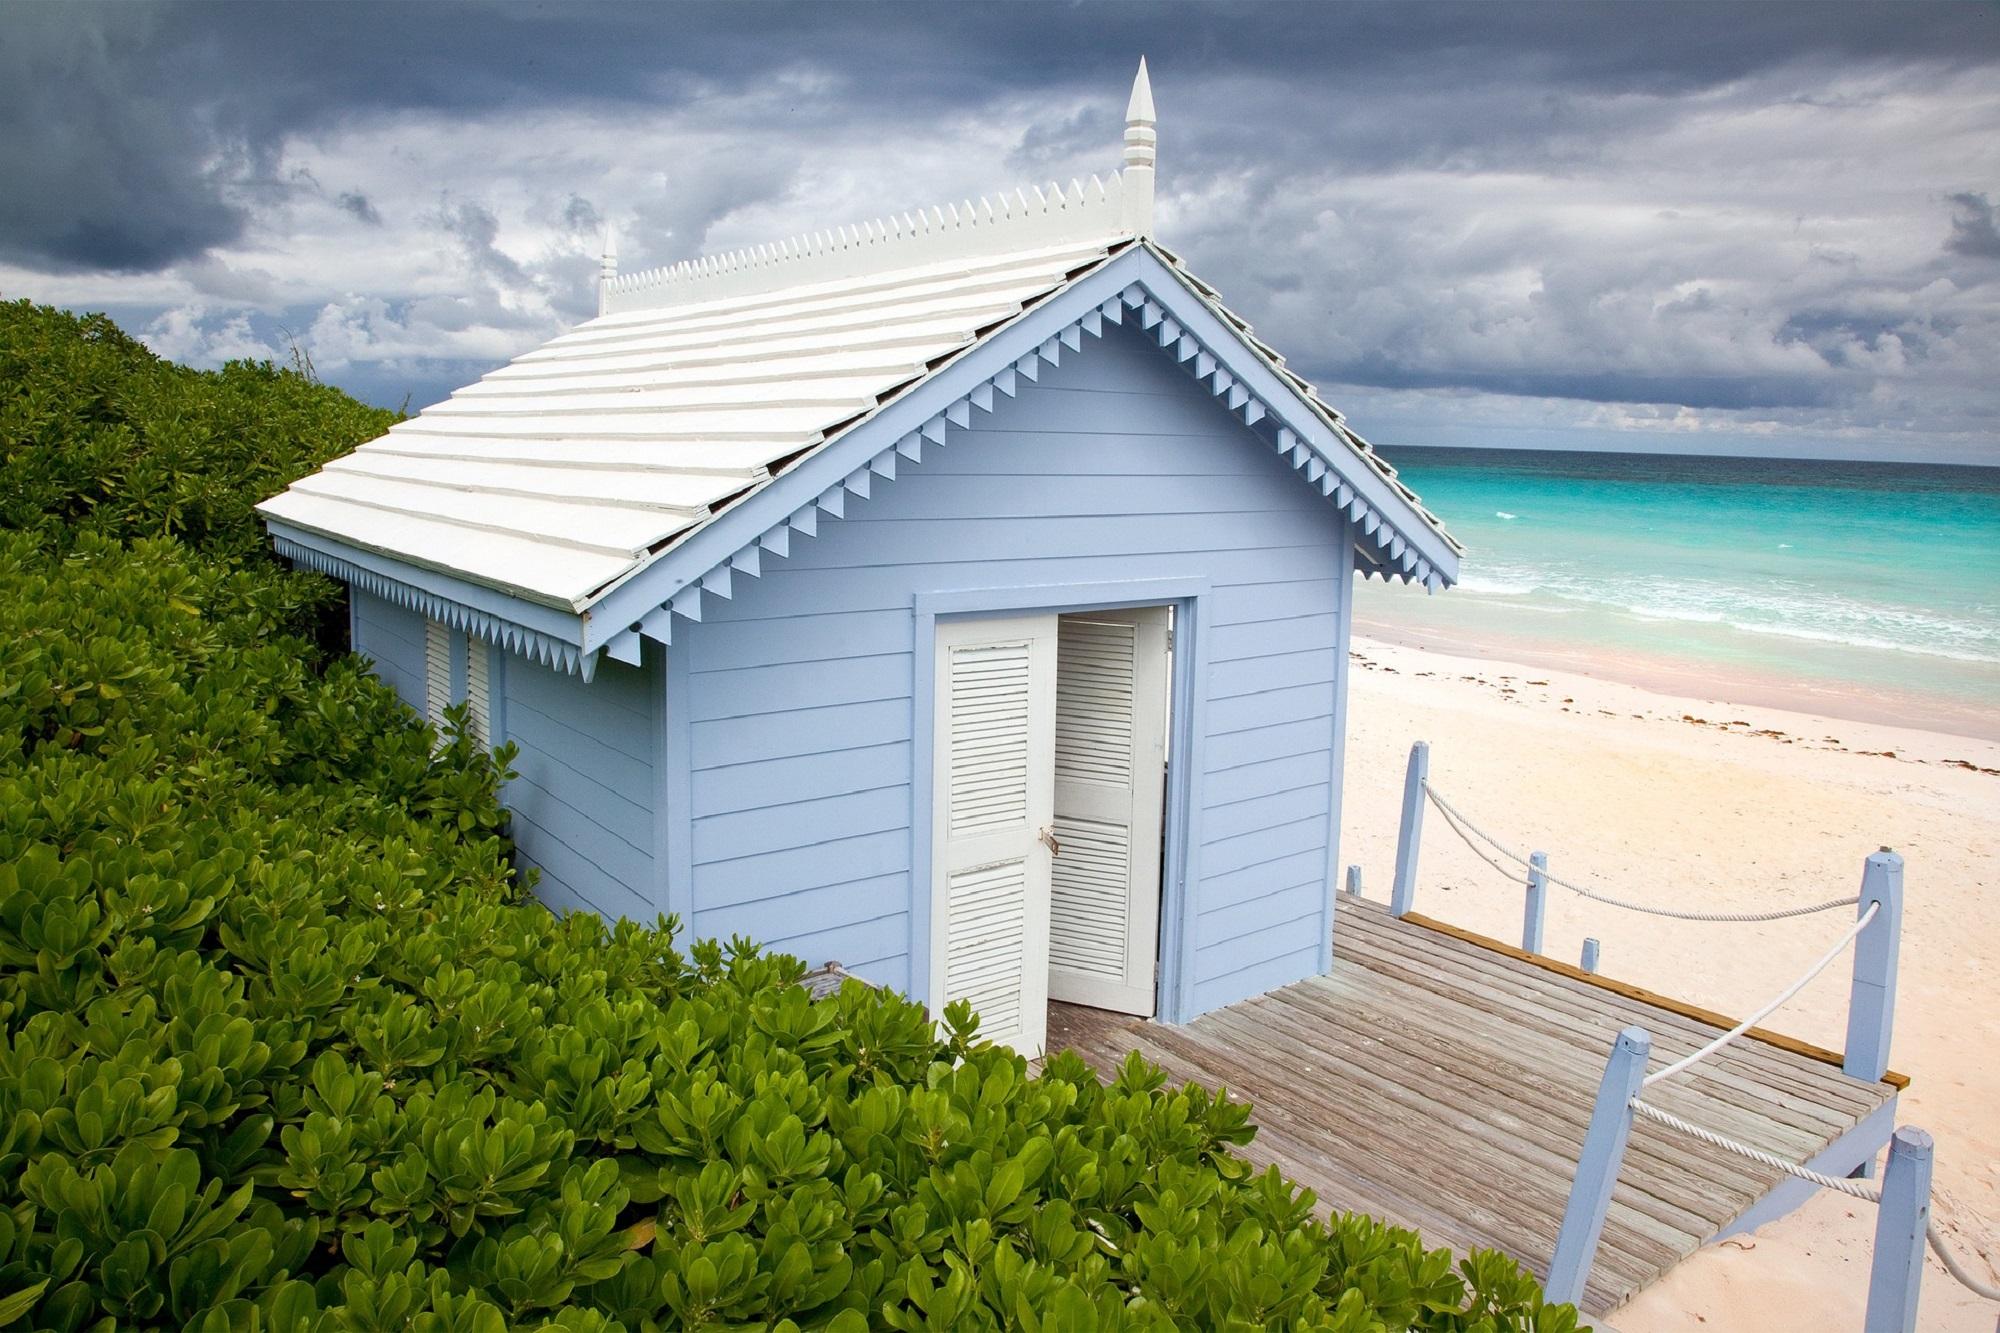 bahamas-666594_1920